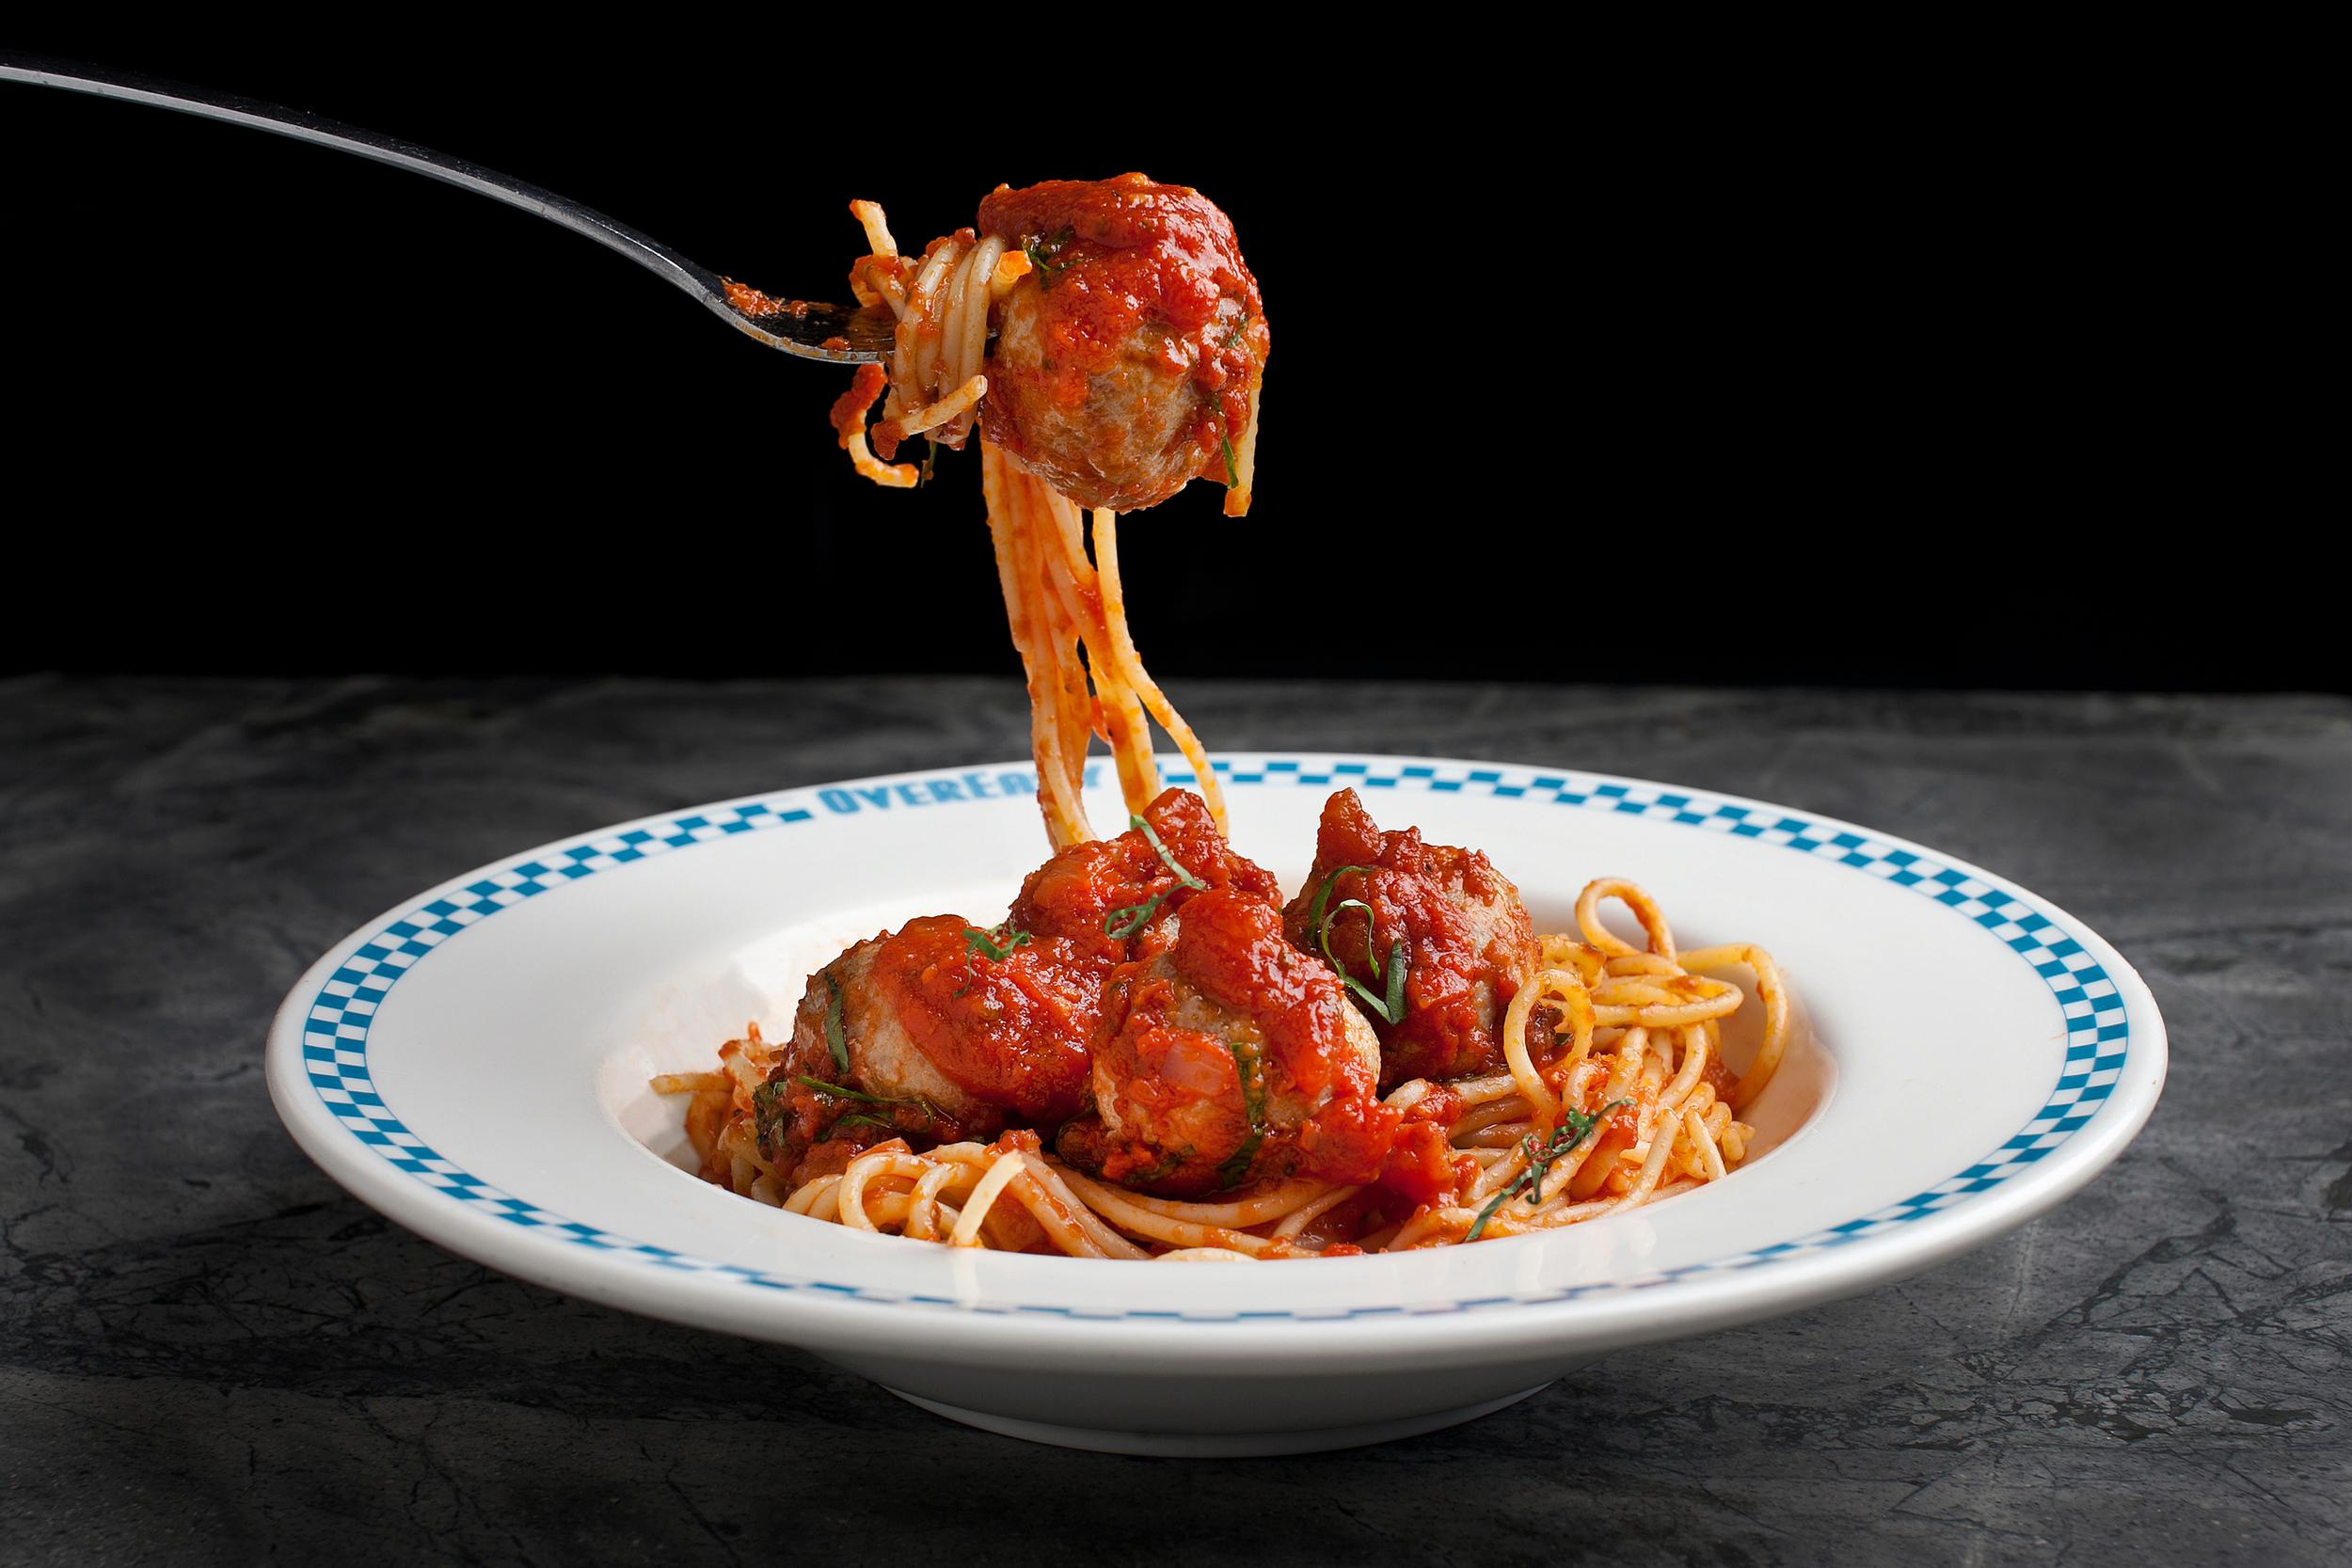 OE_Food_Spaghetti_&_Meatballs.jpg